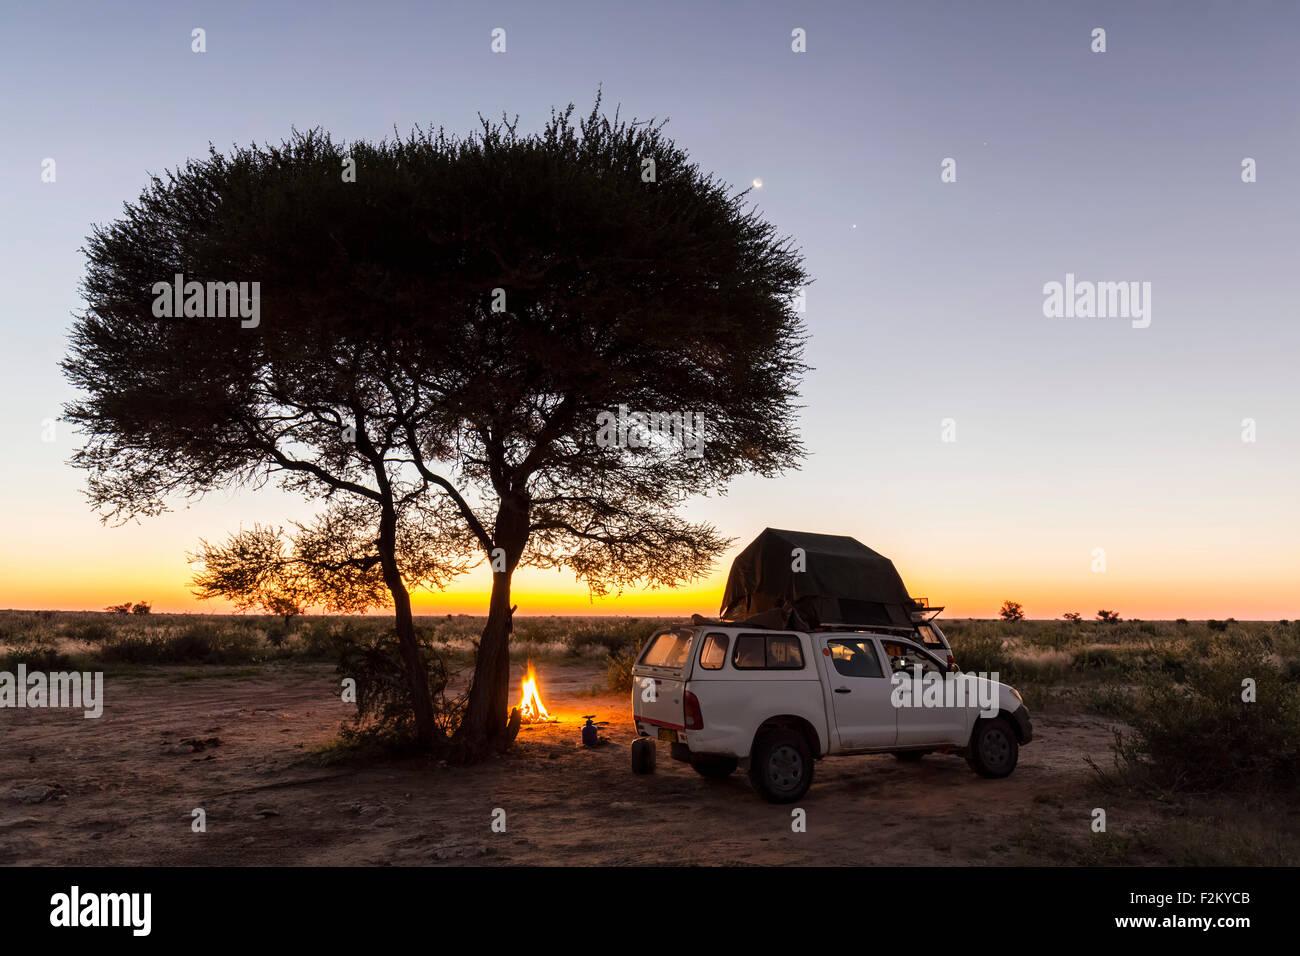 Botswana, Kalahari, Central Kalahari Game Reserve, campsite with campfire - Stock Image